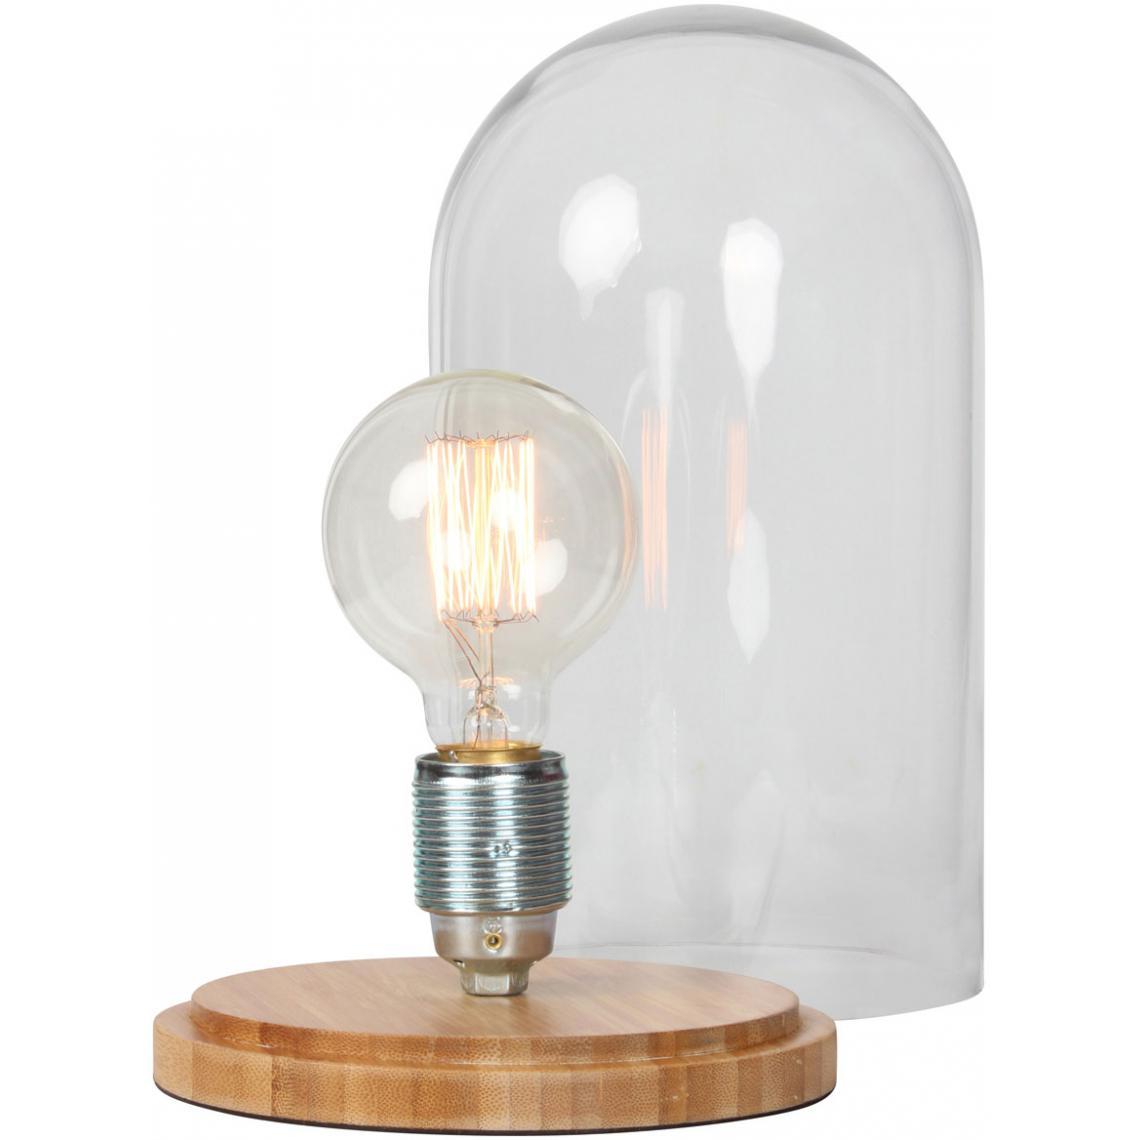 En D17xh30 Suisses Socle Kupfer3 A Bambou Verre Lampe Poser Cloche eCrxdBo